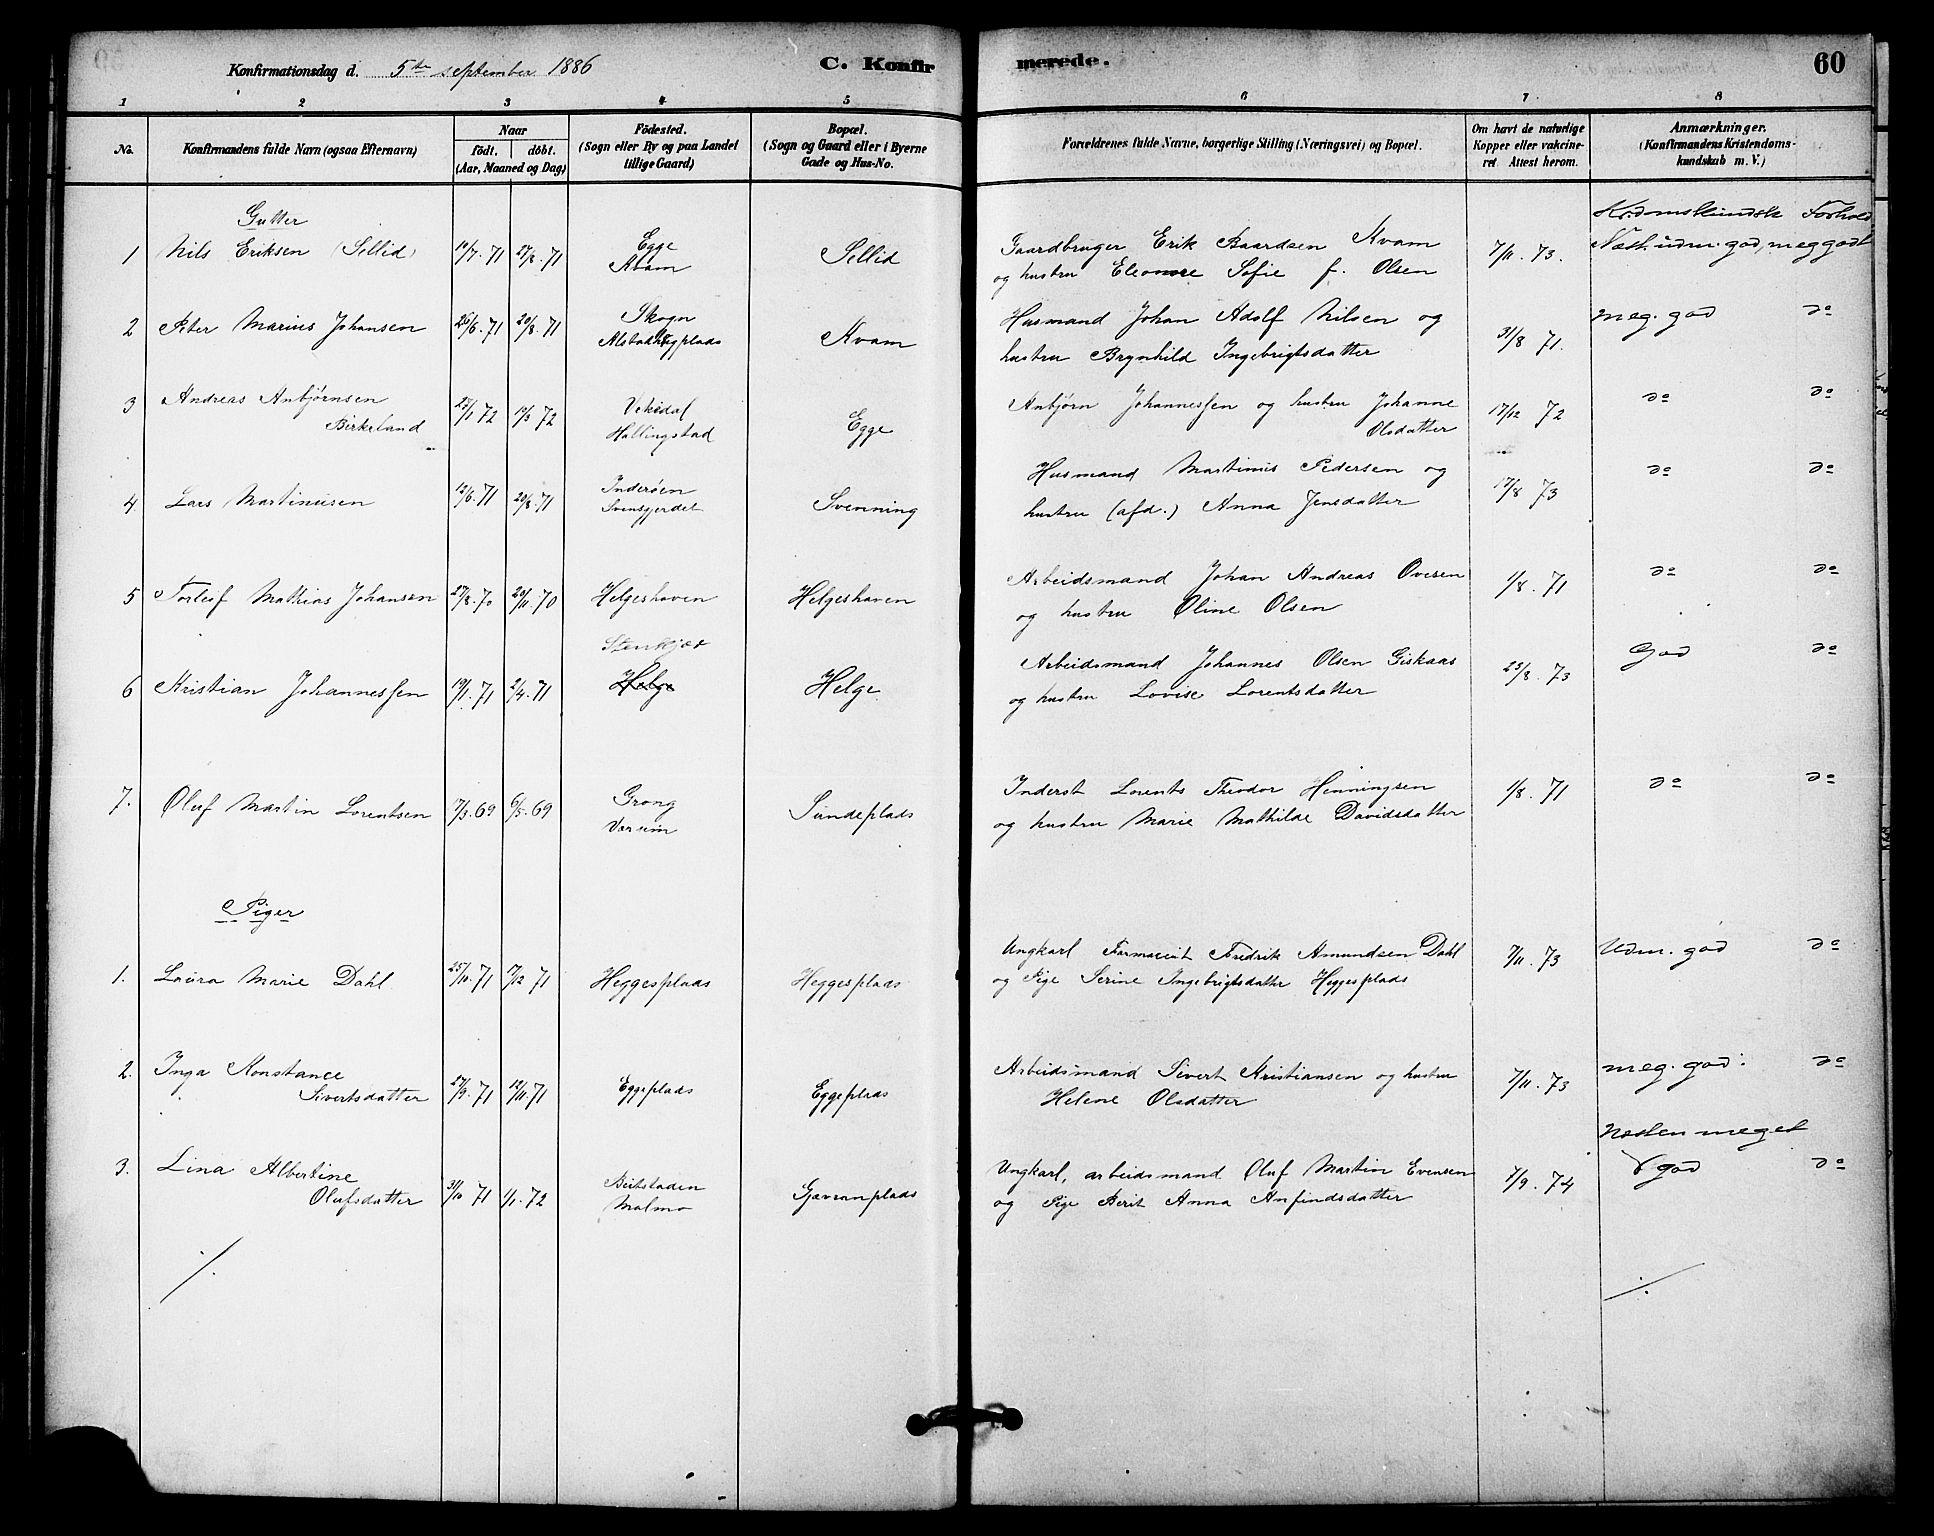 SAT, Ministerialprotokoller, klokkerbøker og fødselsregistre - Nord-Trøndelag, 740/L0378: Ministerialbok nr. 740A01, 1881-1895, s. 60